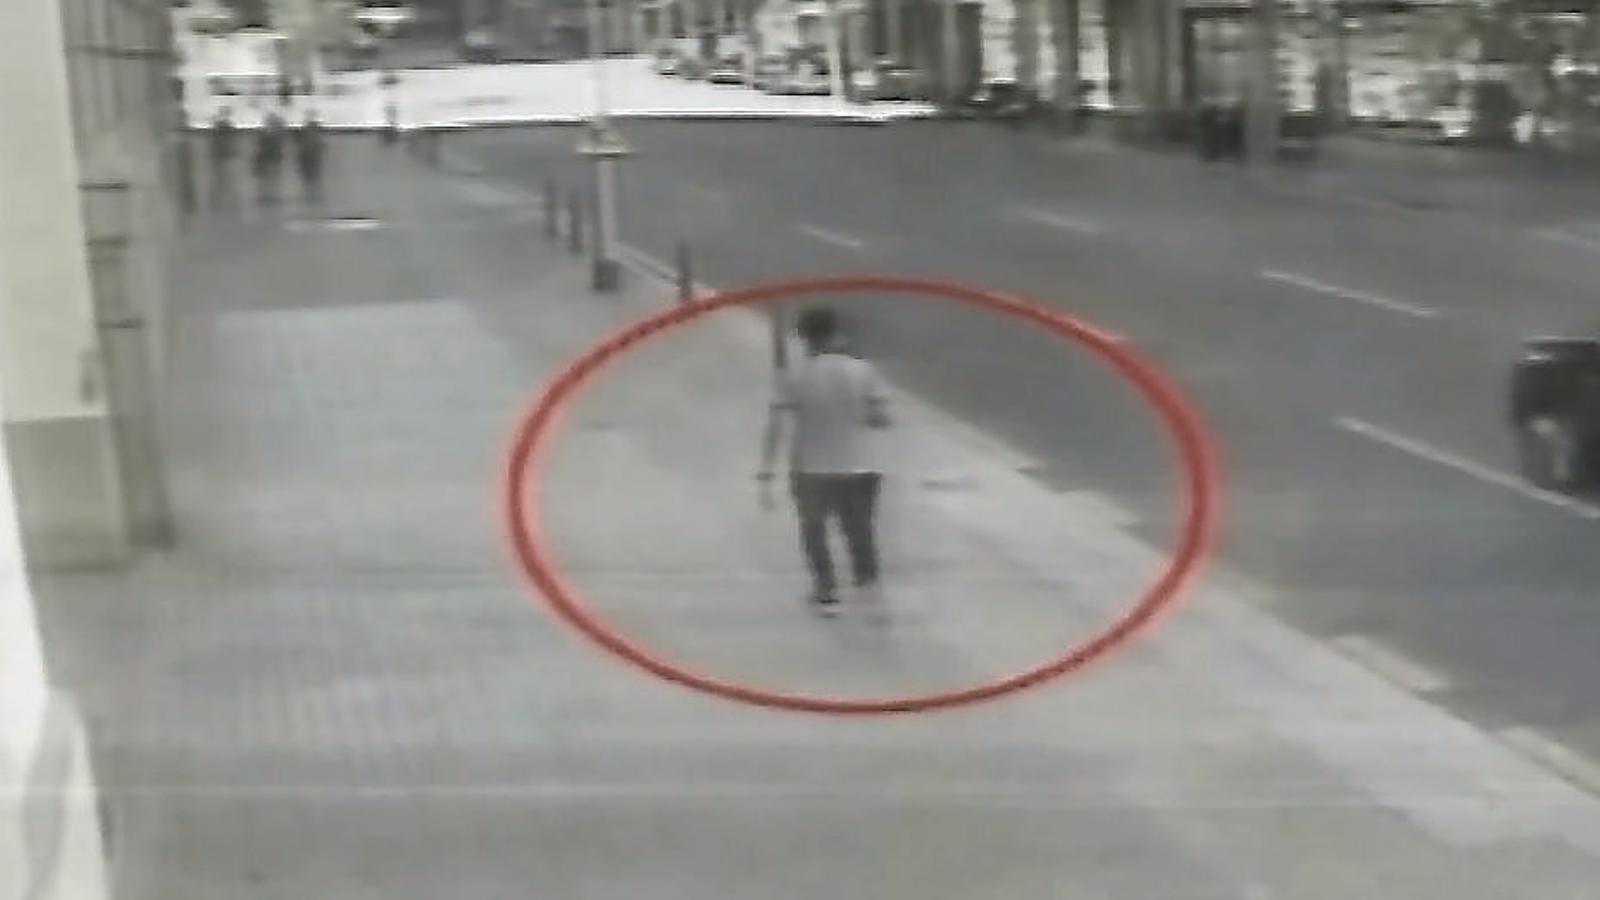 Una imatge del terrorista Younes Abouyaaqoub fugint pels carrers de Barcelona després de l'atropellament a la Rambla.